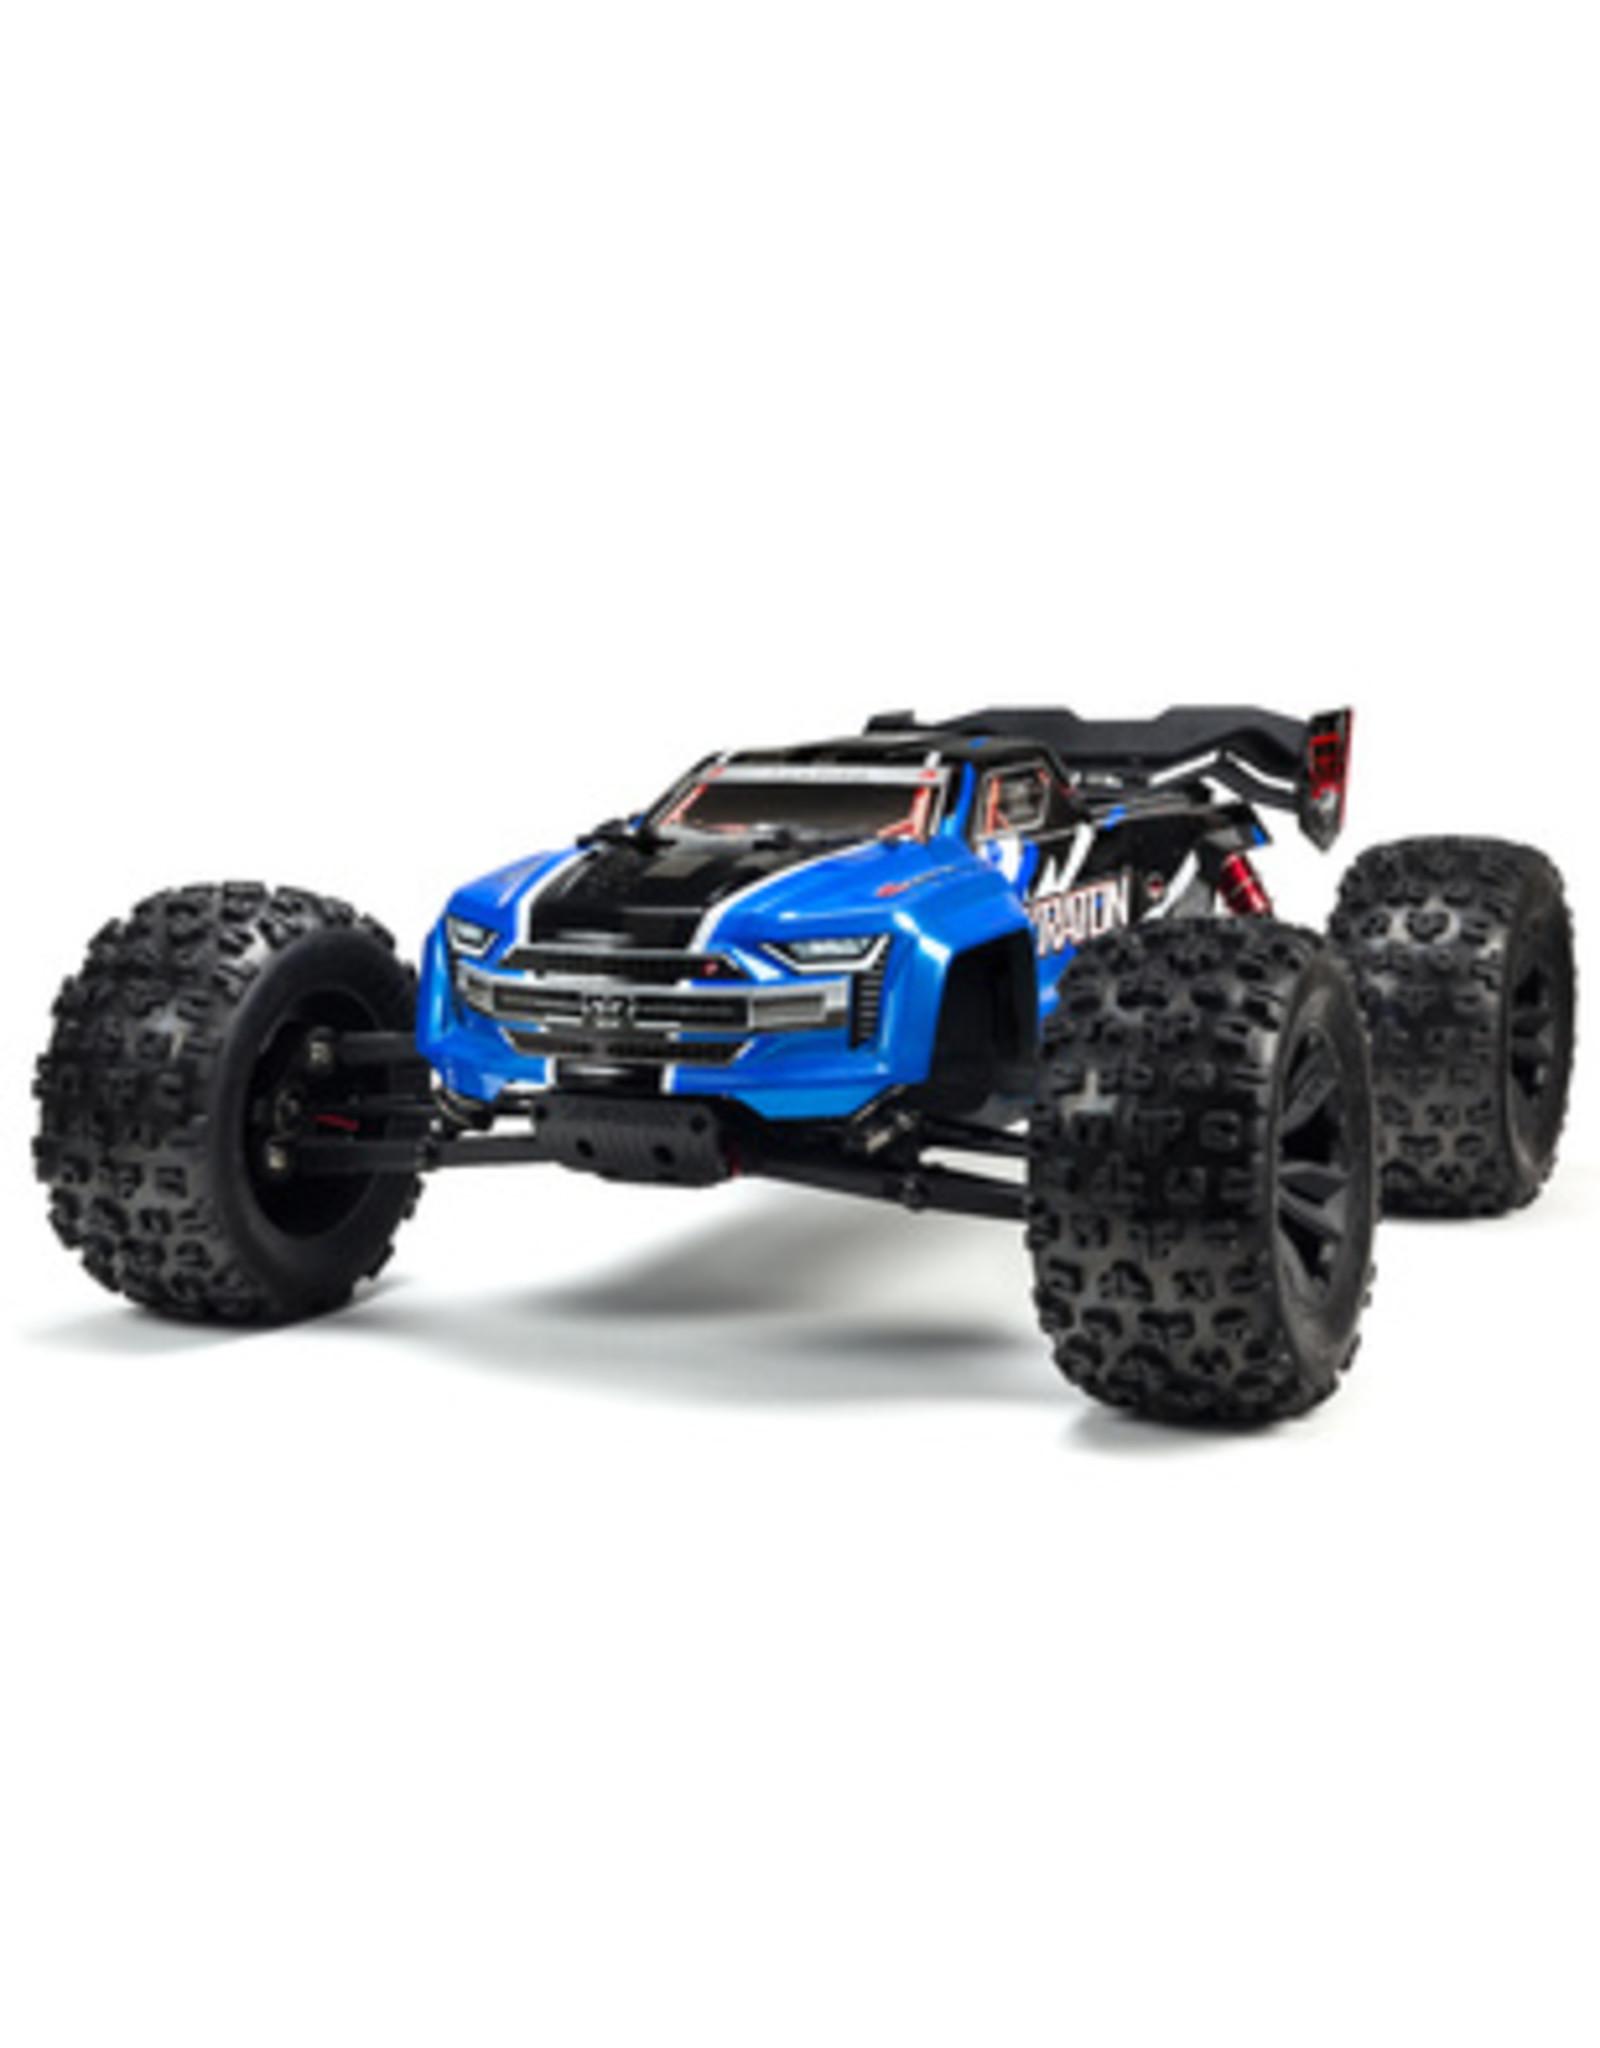 Arrma ARRMA 1/8 KRATON V4 - 6S BLX Brushless 4WD RTR - Blue (ARA106040T2)